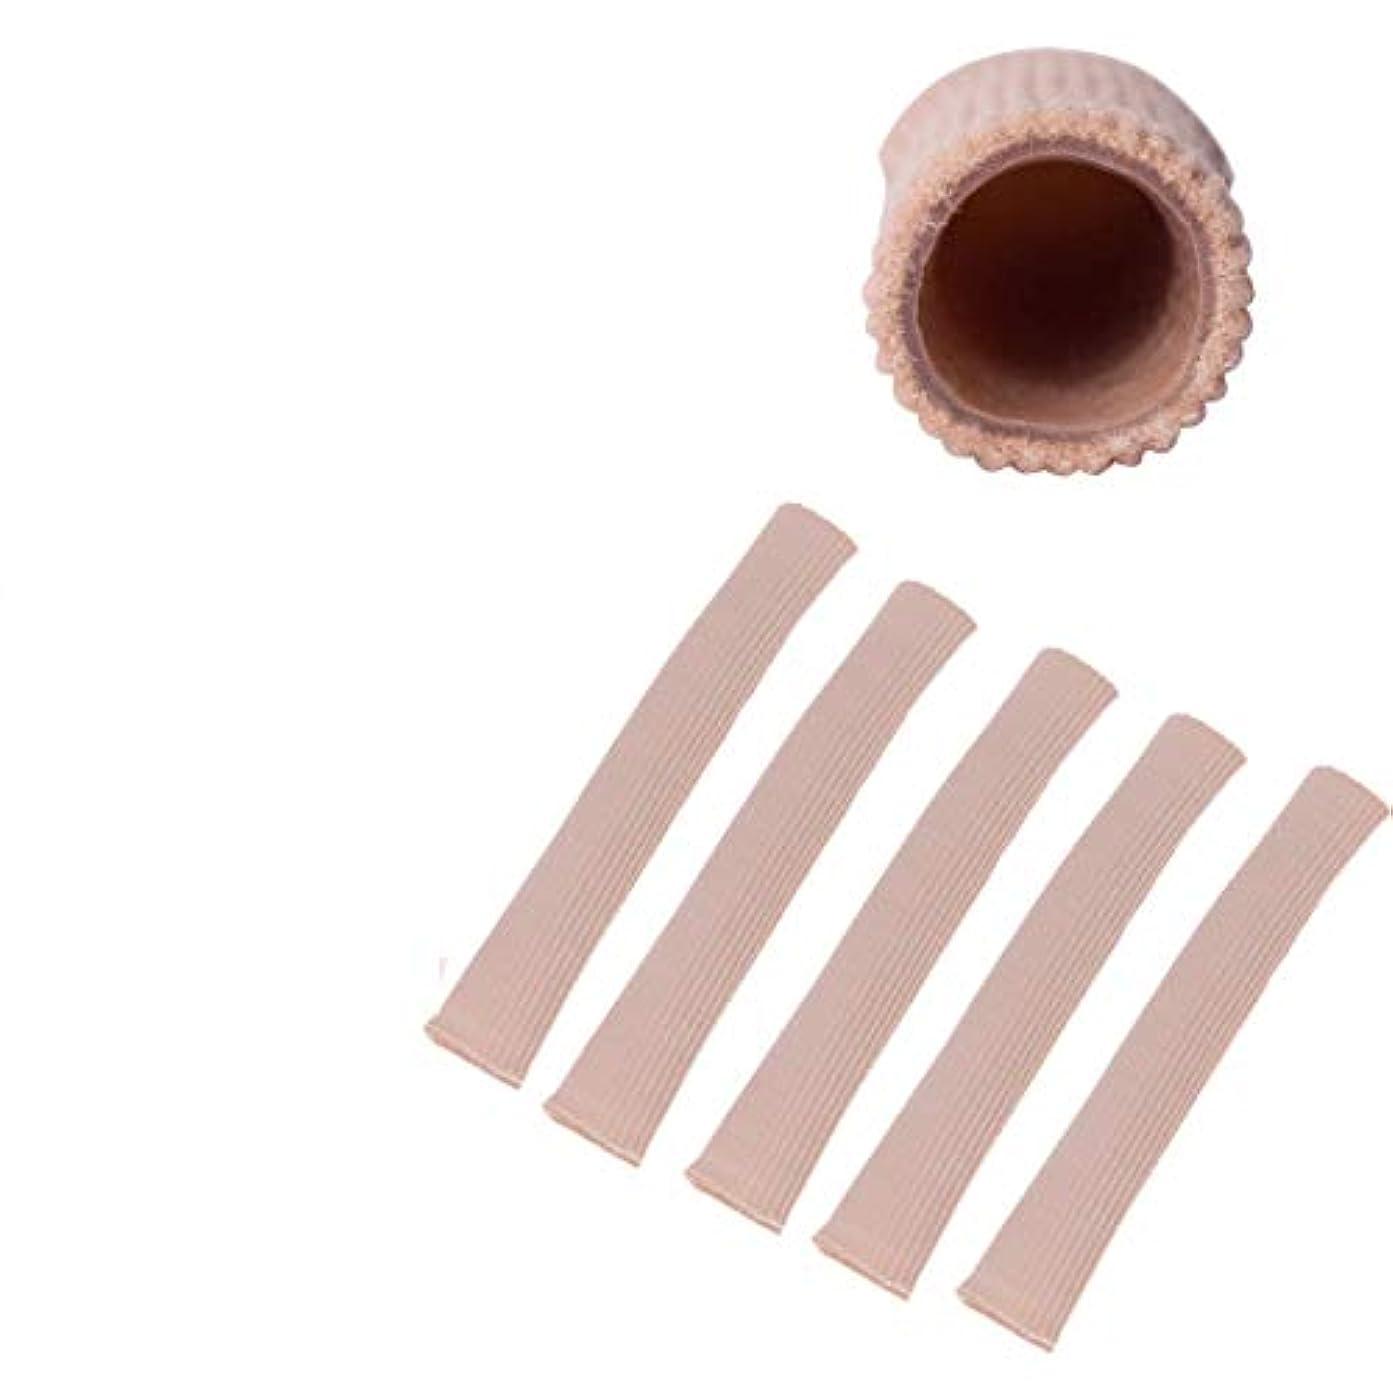 サロン茎夢Wecando足指保護ジェルパッド つま先 指 外反母趾 内反小趾 矯正 保護 魚の目 摩擦痛み緩和 調整可能 (スキントーン 5本, L)